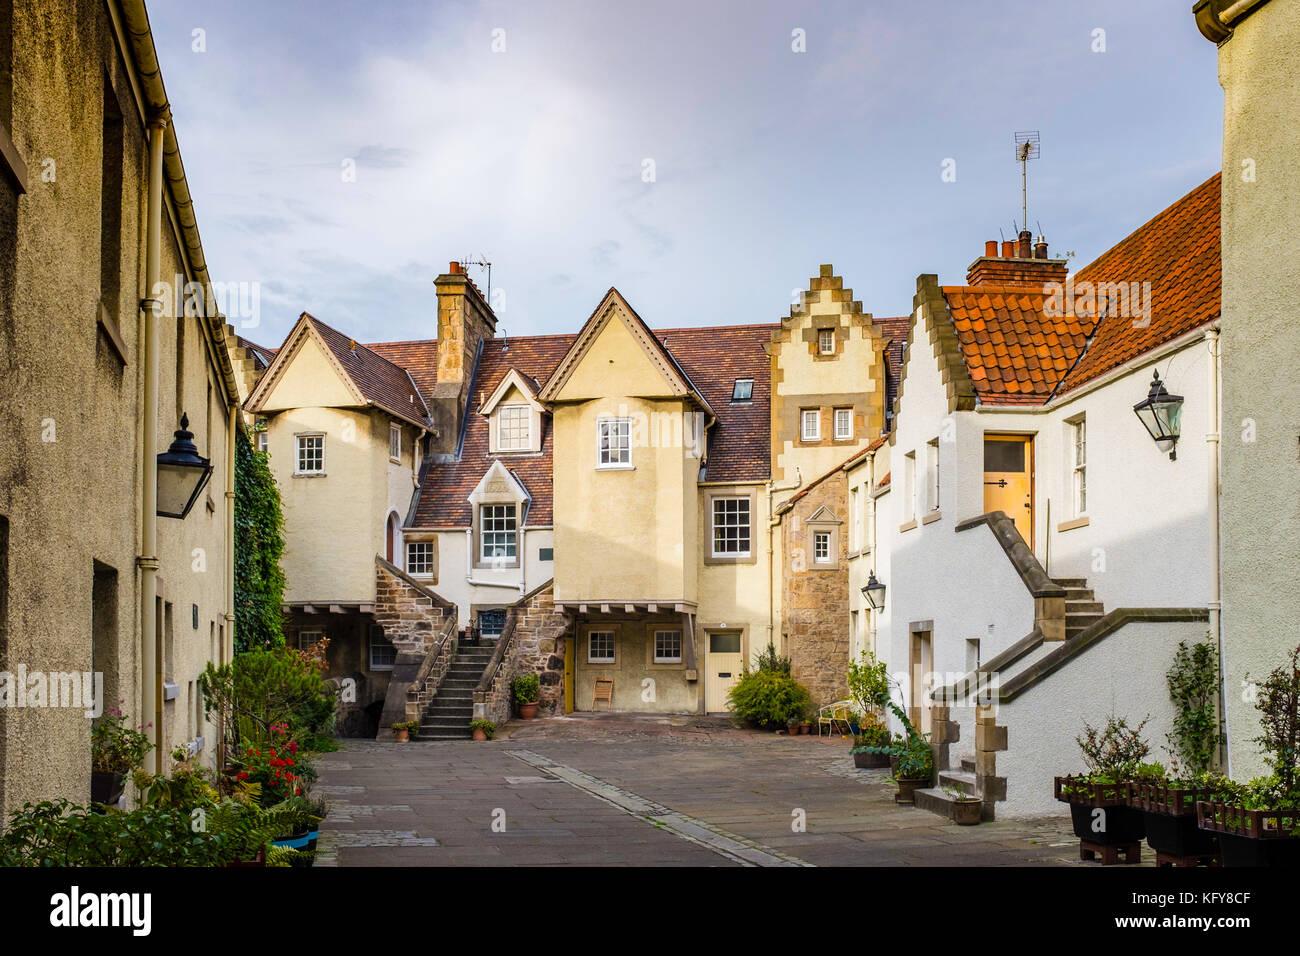 Vista de caballo blanco cerca de Edimburgo, un antiguo patio bordeado con casas, Scotland, Reino Unido Imagen De Stock